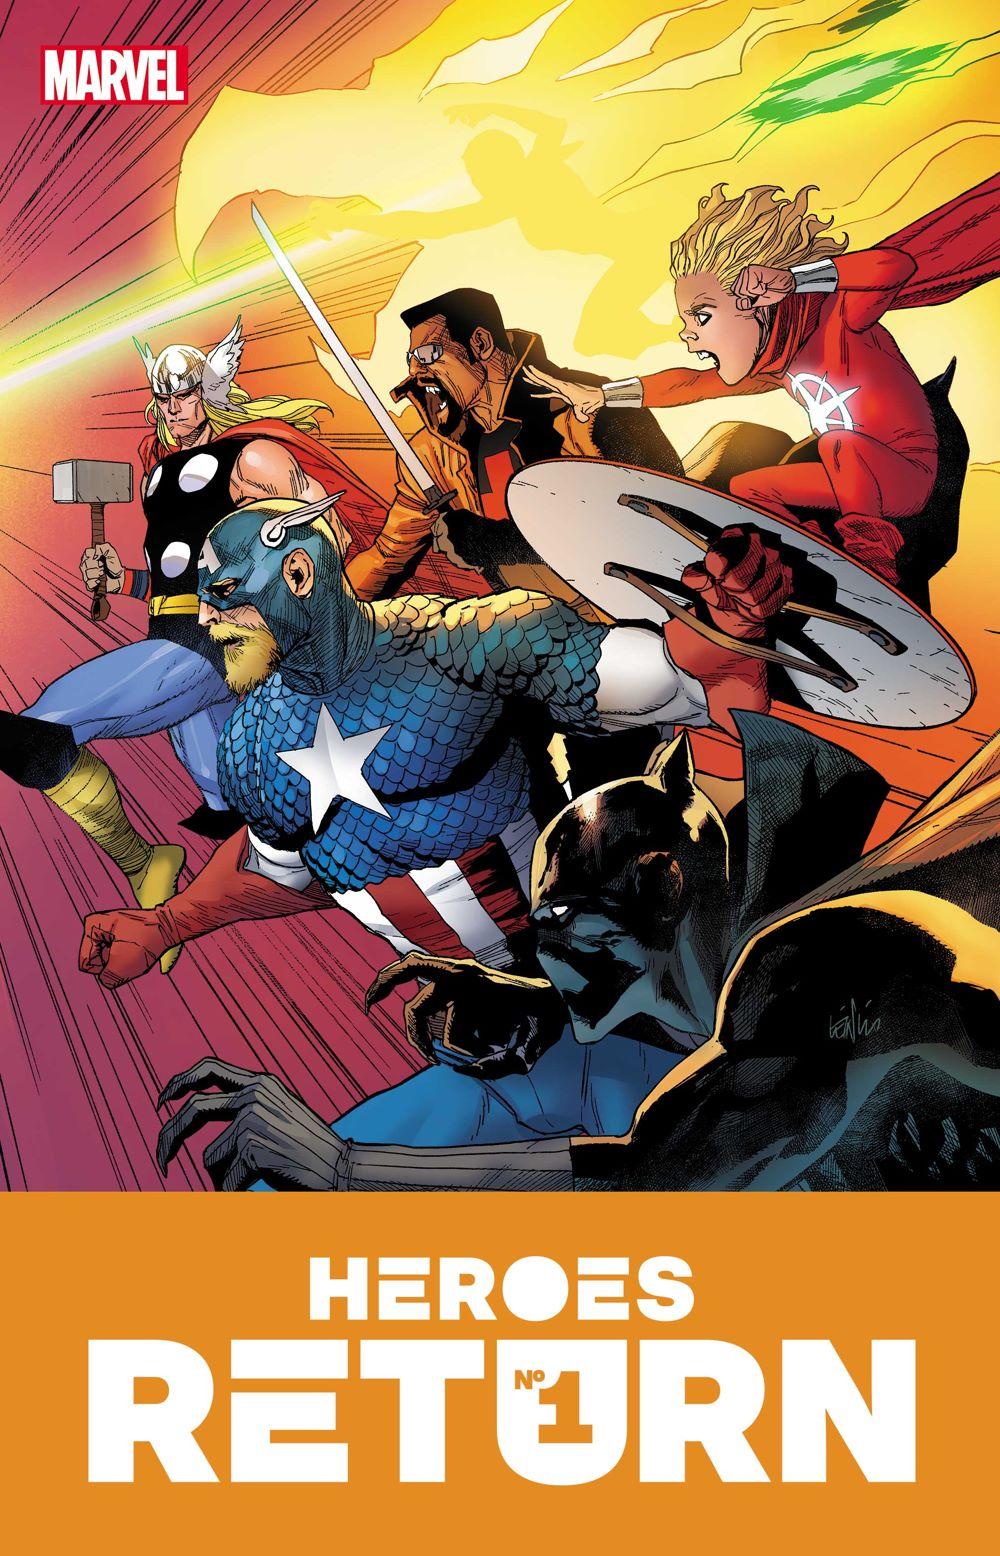 HEROESRETURN001_COV-1 Marvel Comics June 2021 Solicitations